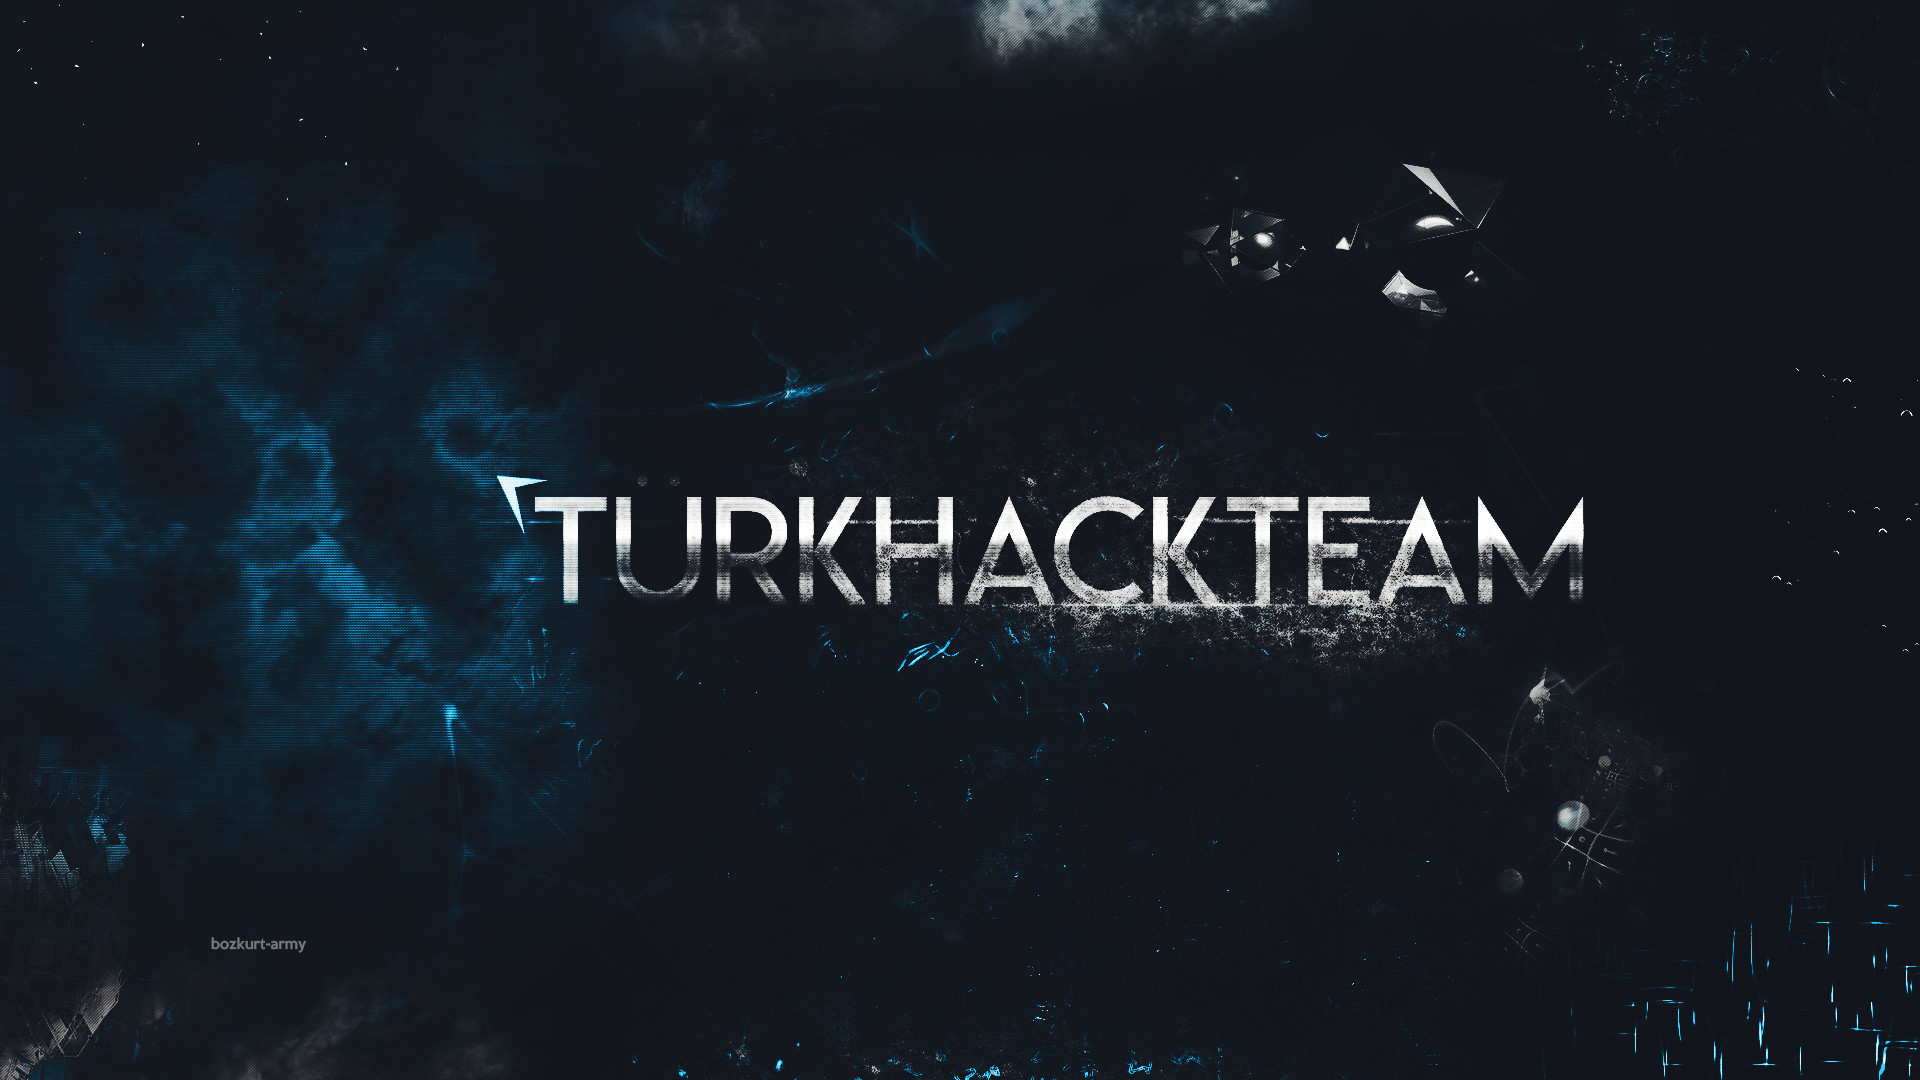 Türkhackteam Arka Plan Background Tasarım Turkhackteamnetorg